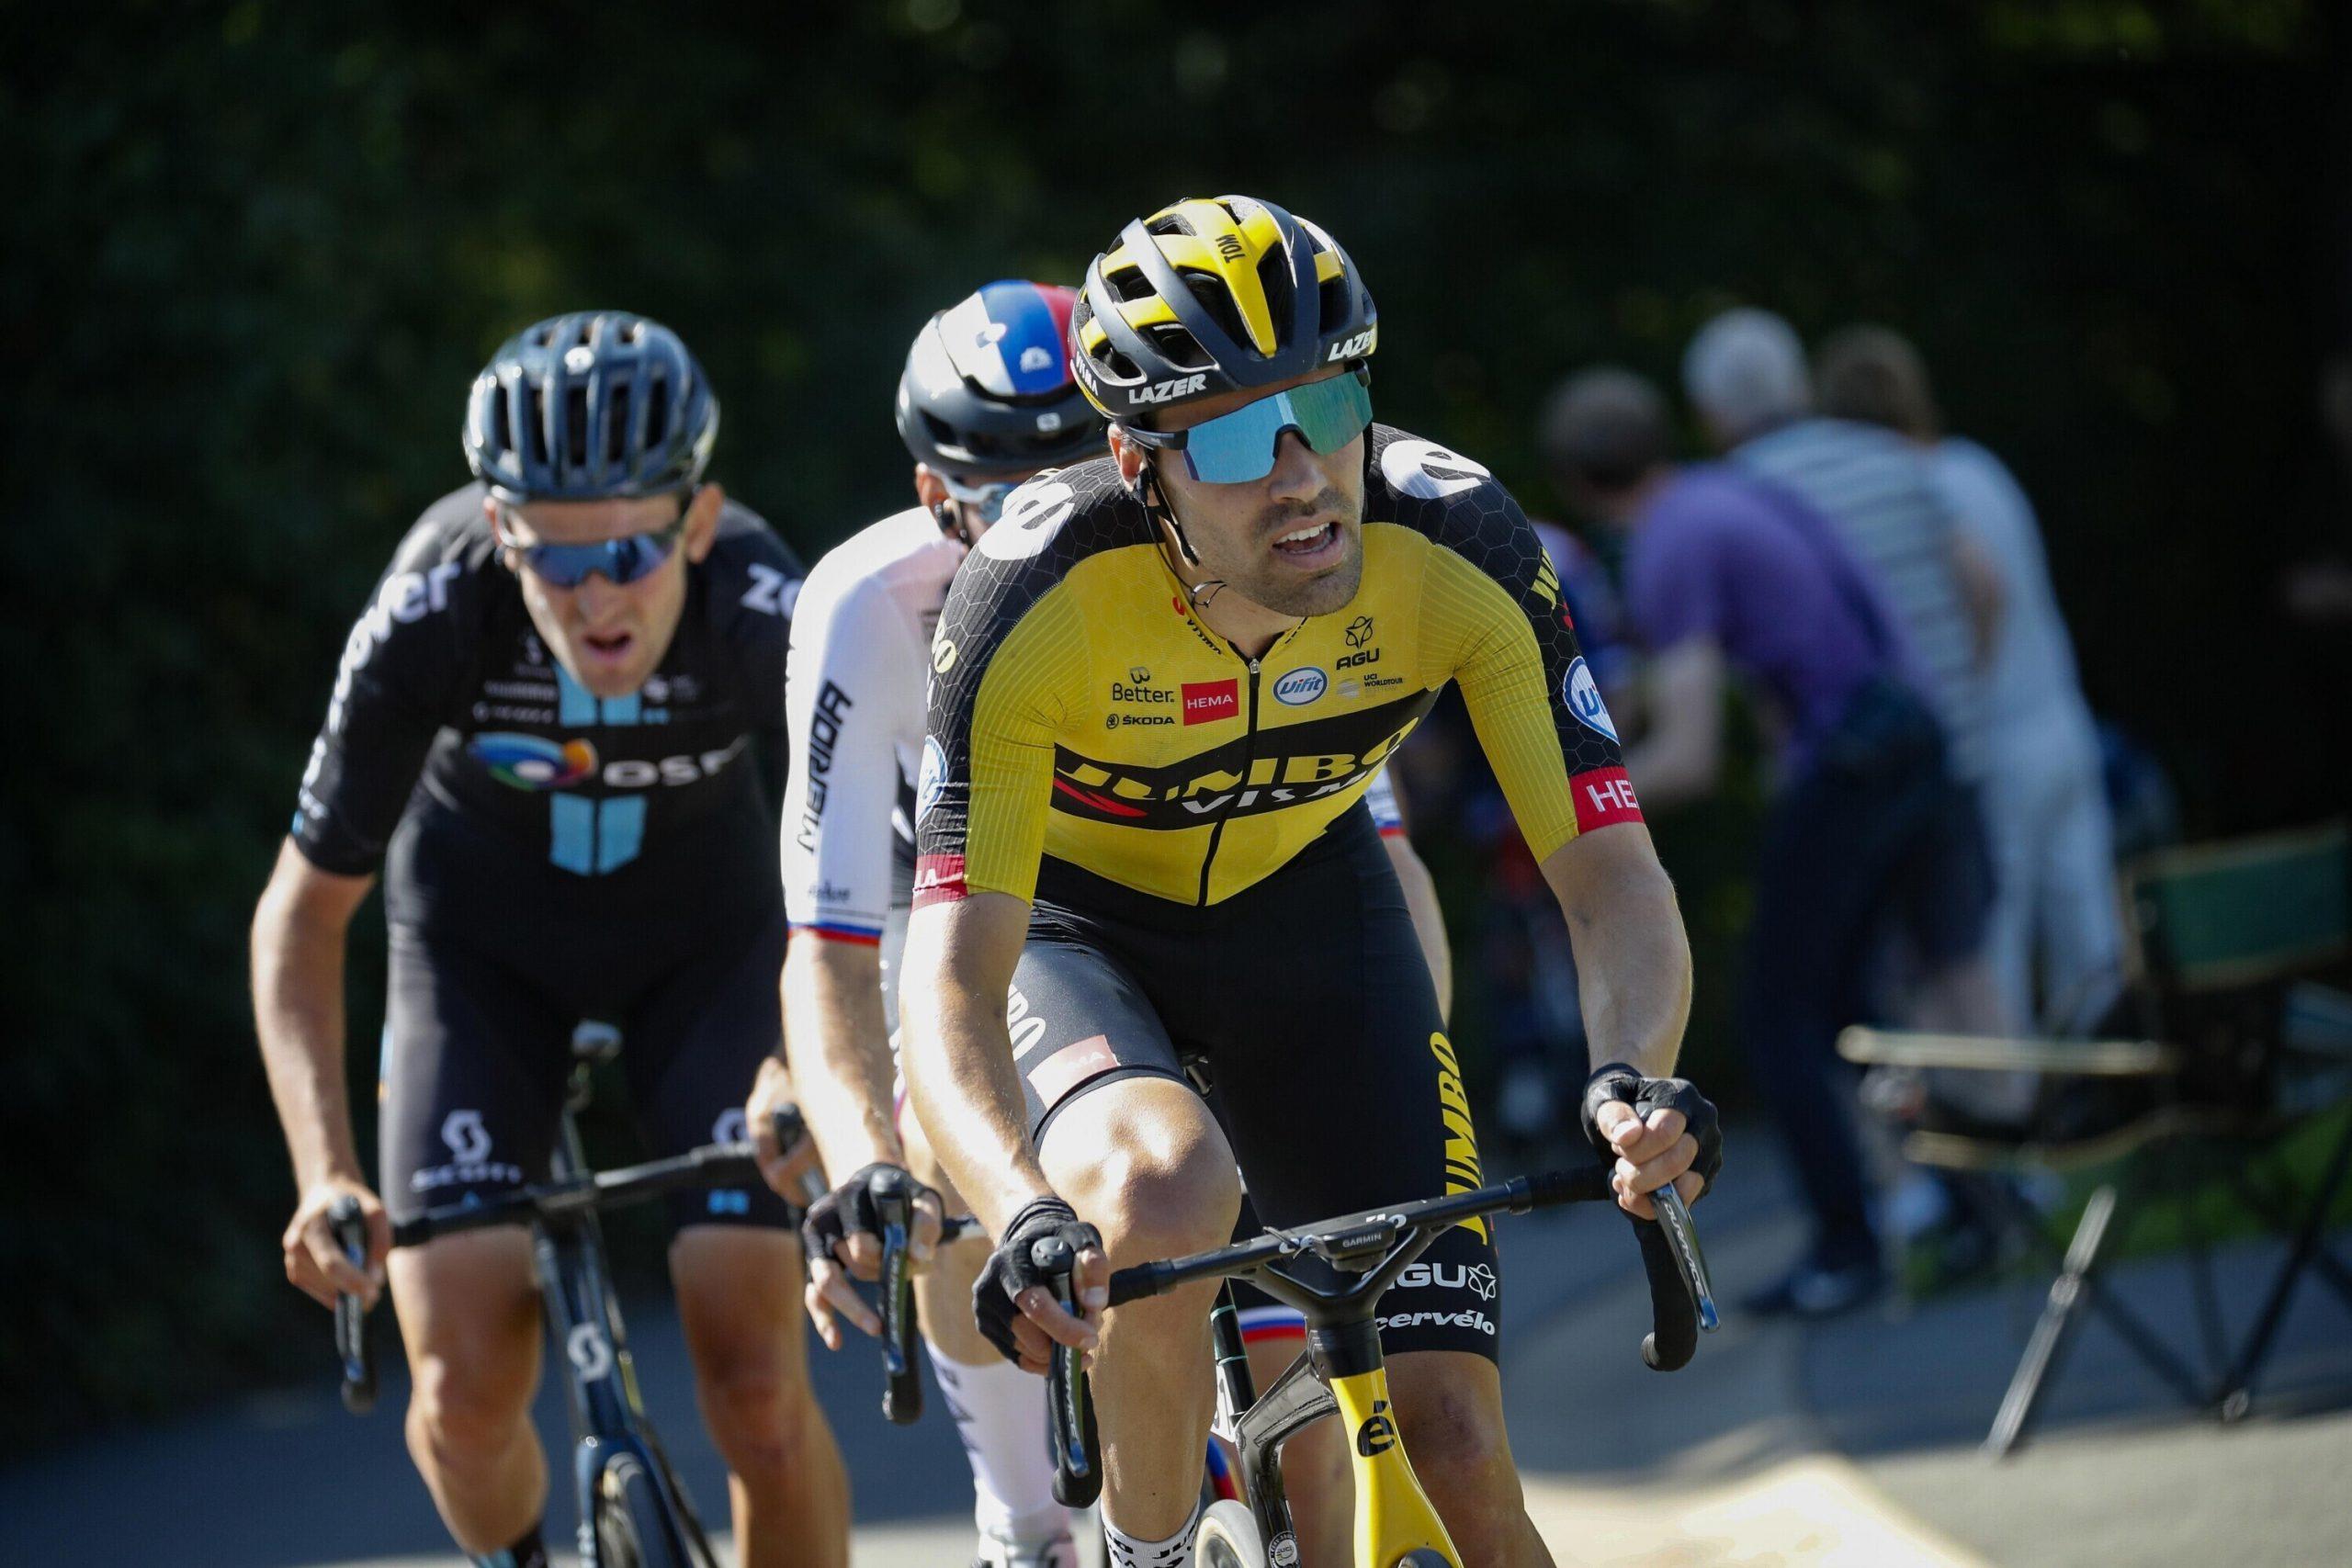 Venha o pavê para decidir o vencedor final do Benelux Tour!